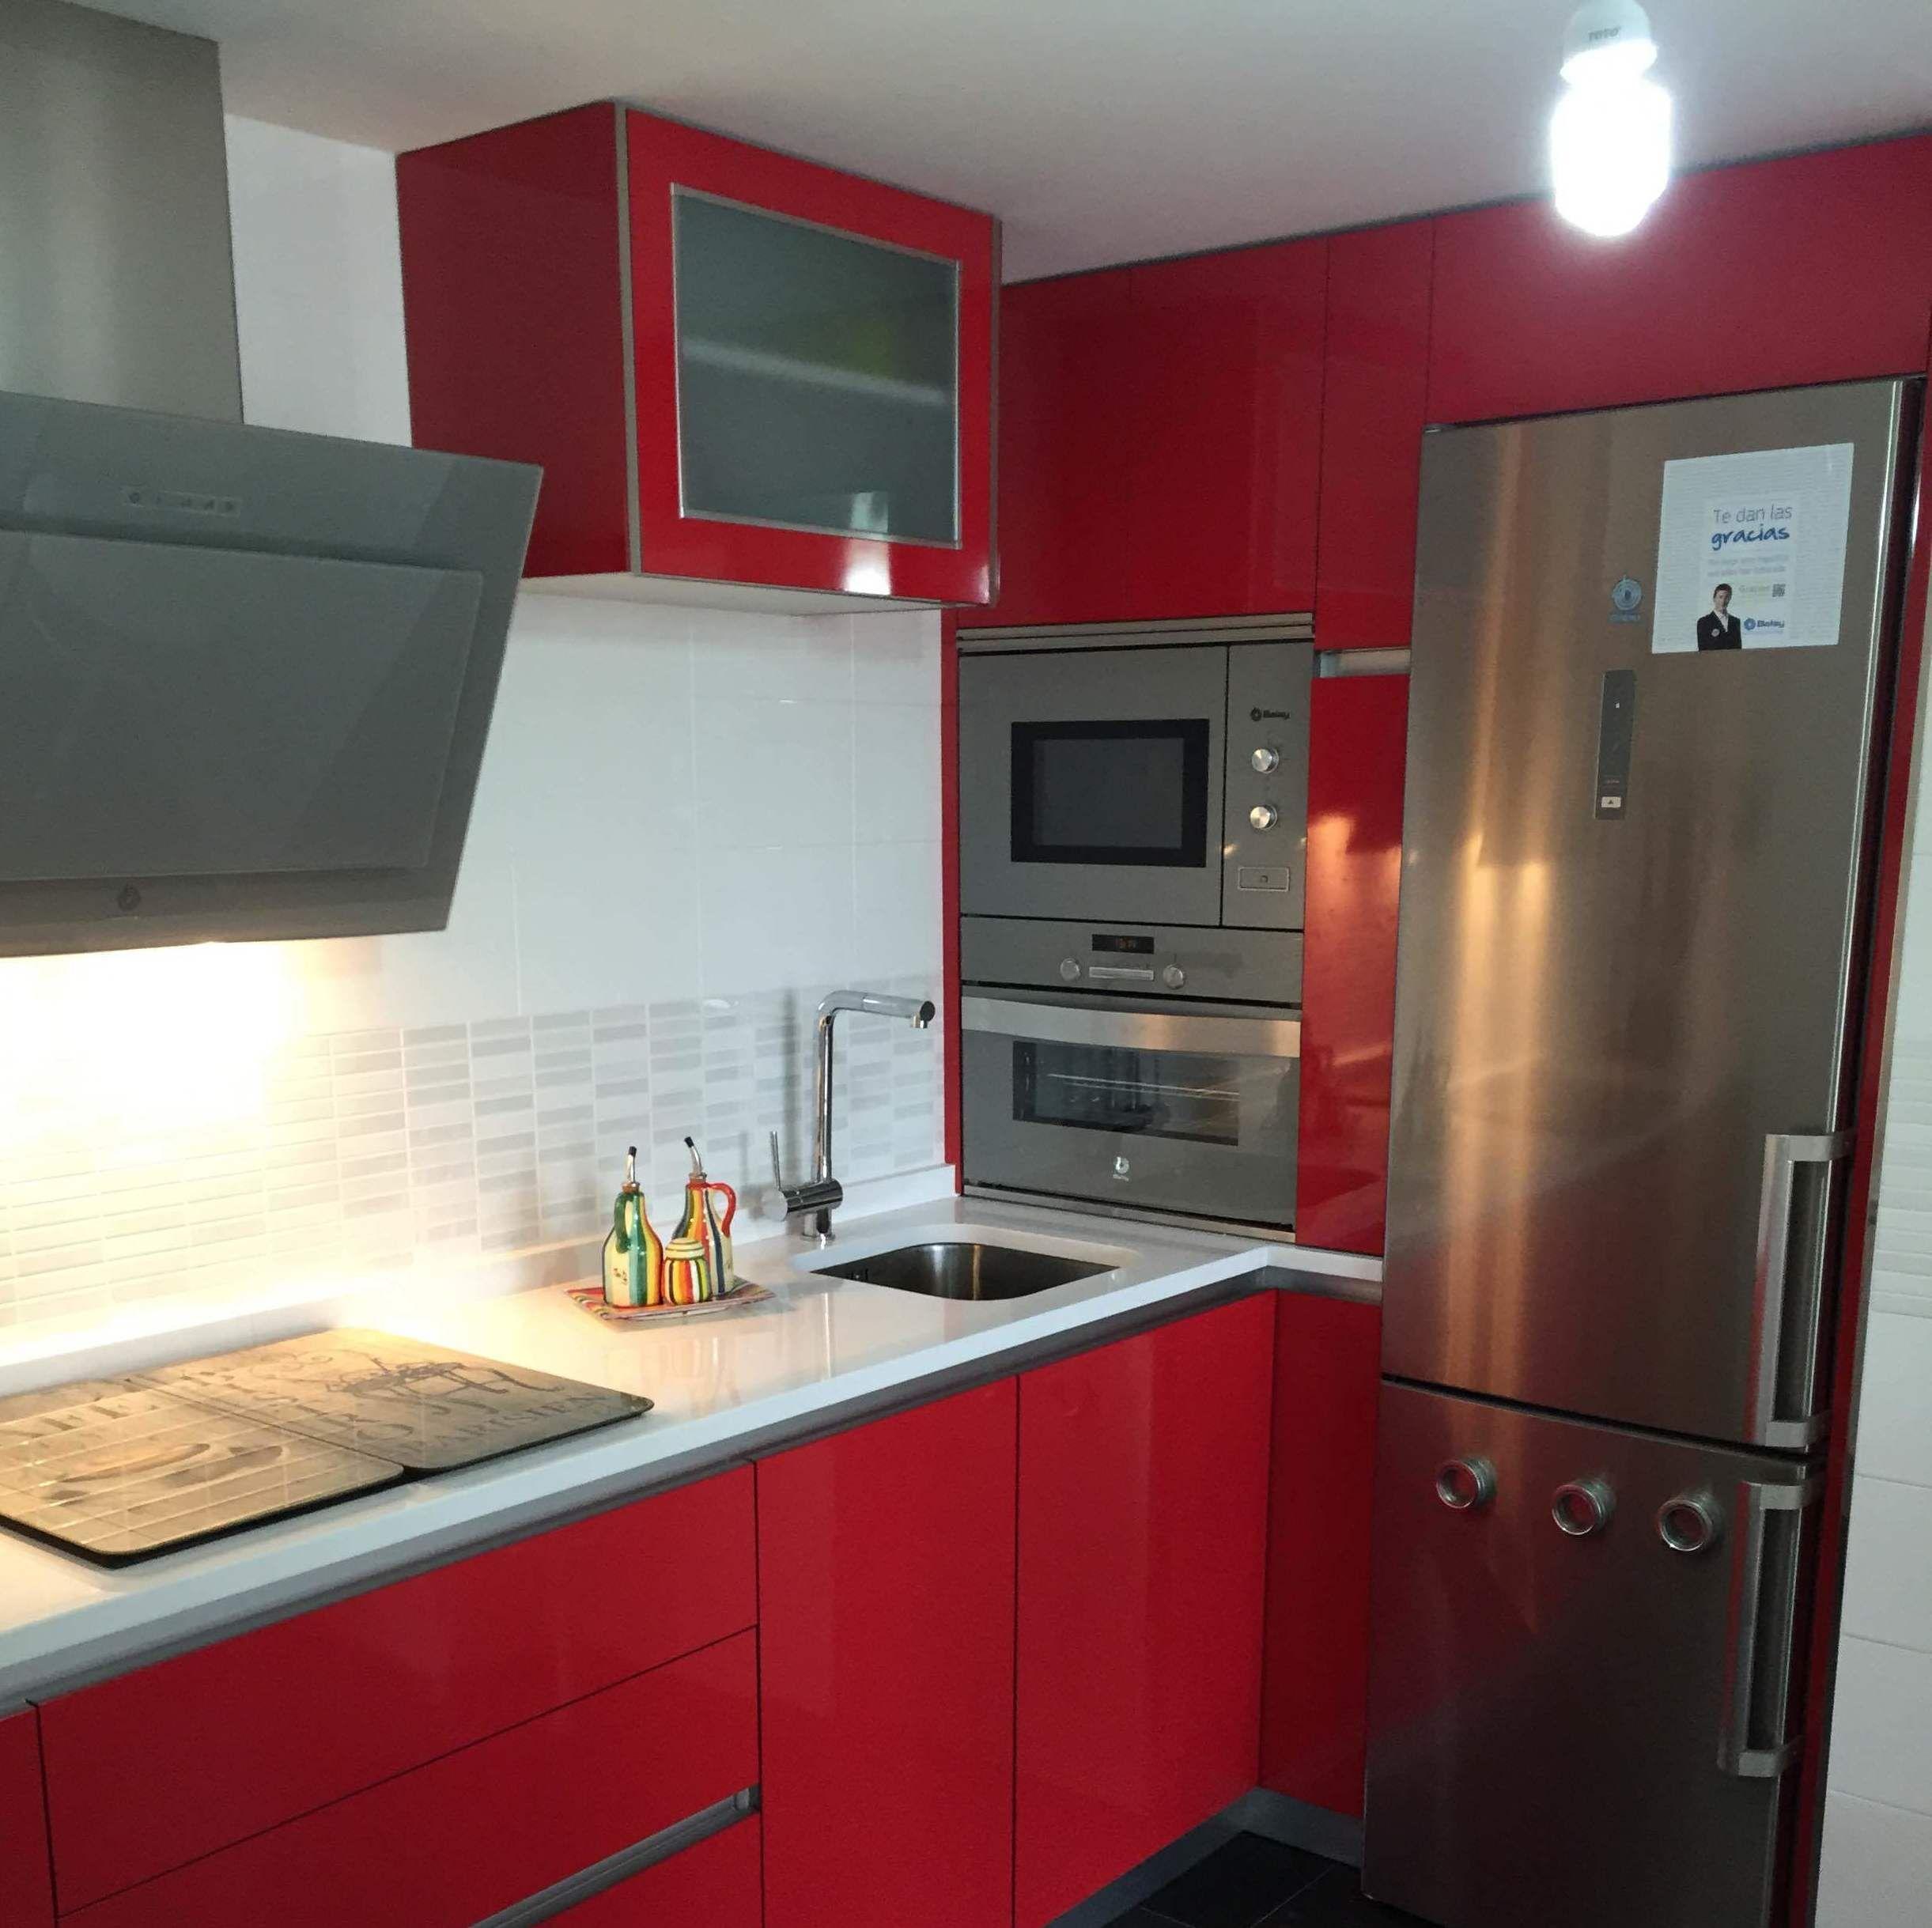 Tiendas de muebles de cocina en madrid reformas de cocinas for Muebles de cocina nectali